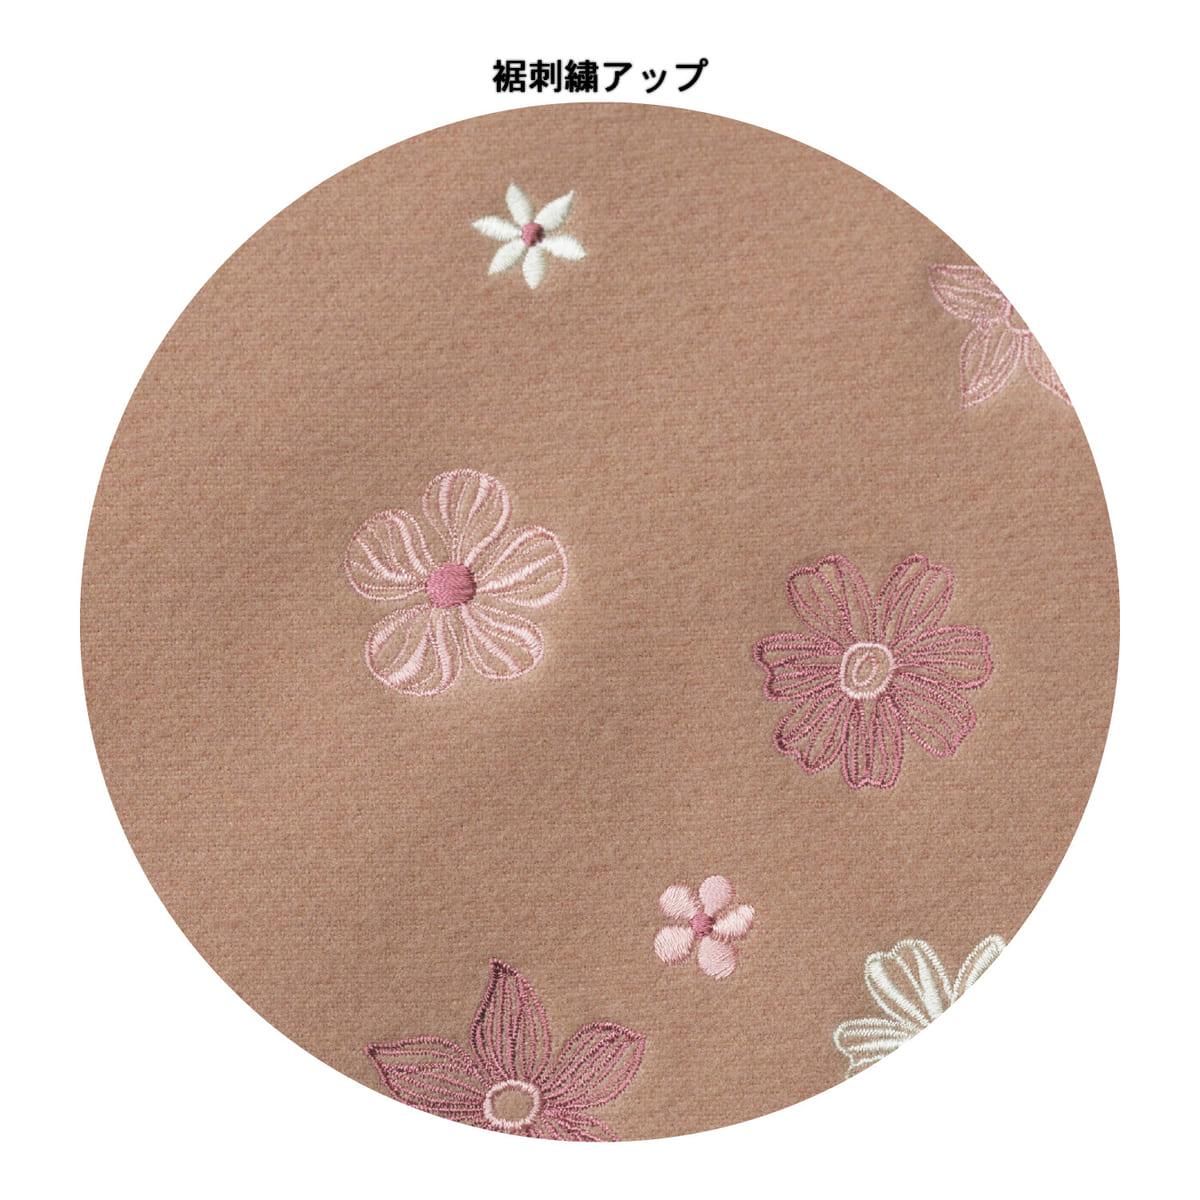 取り外し出来るフェイクファーカフス付きプリンセス刺繍コート ラプンツェル 裾刺繍